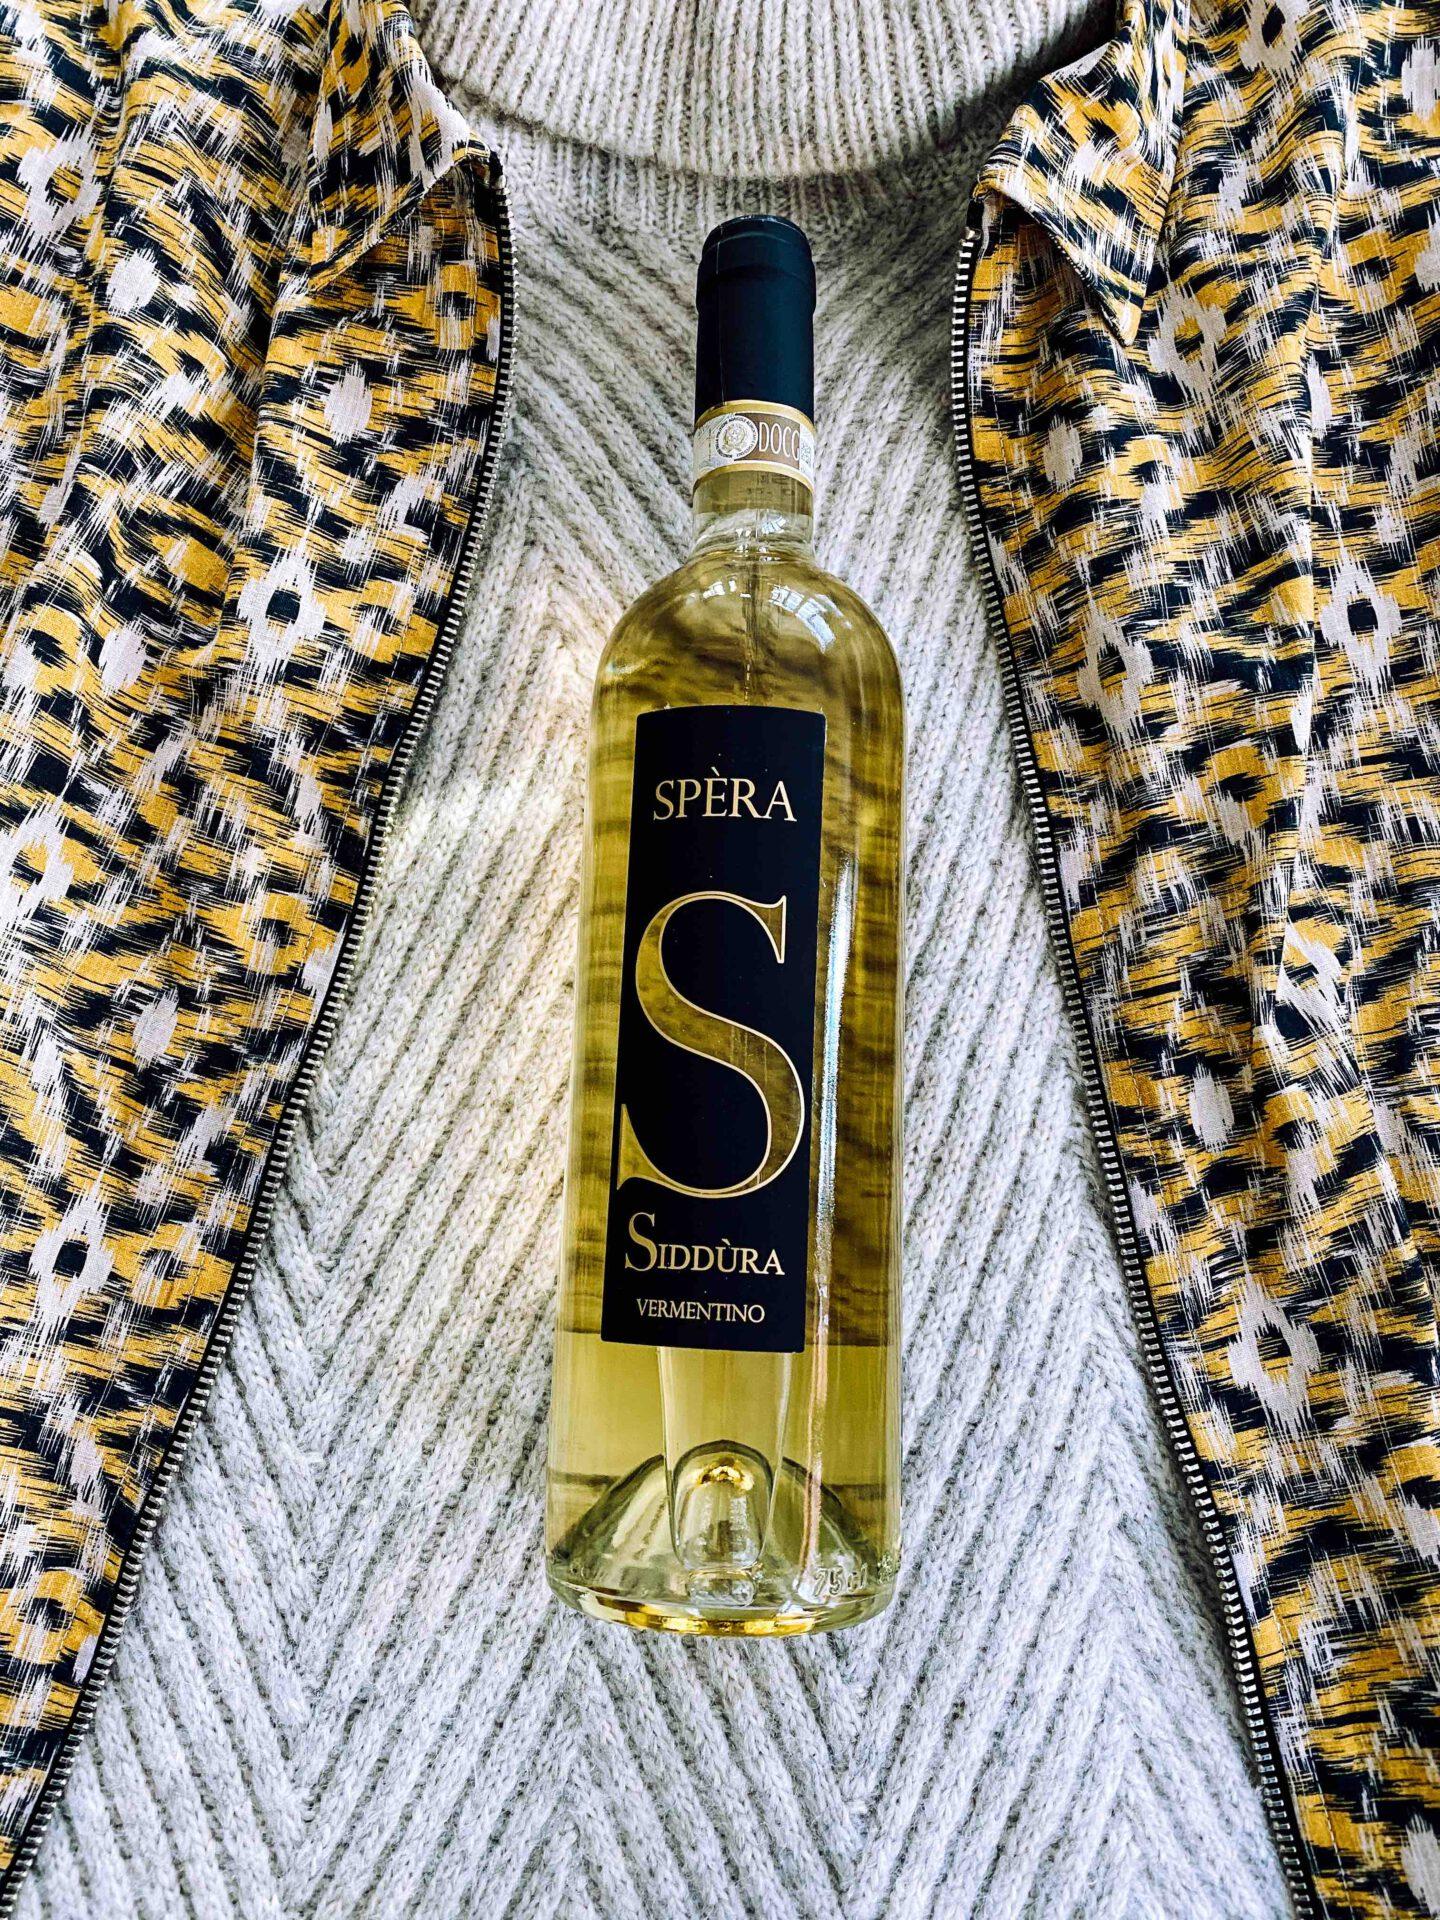 siddura spera wine gentlemens journey weinkaufsliste Wein-Geheimtipps